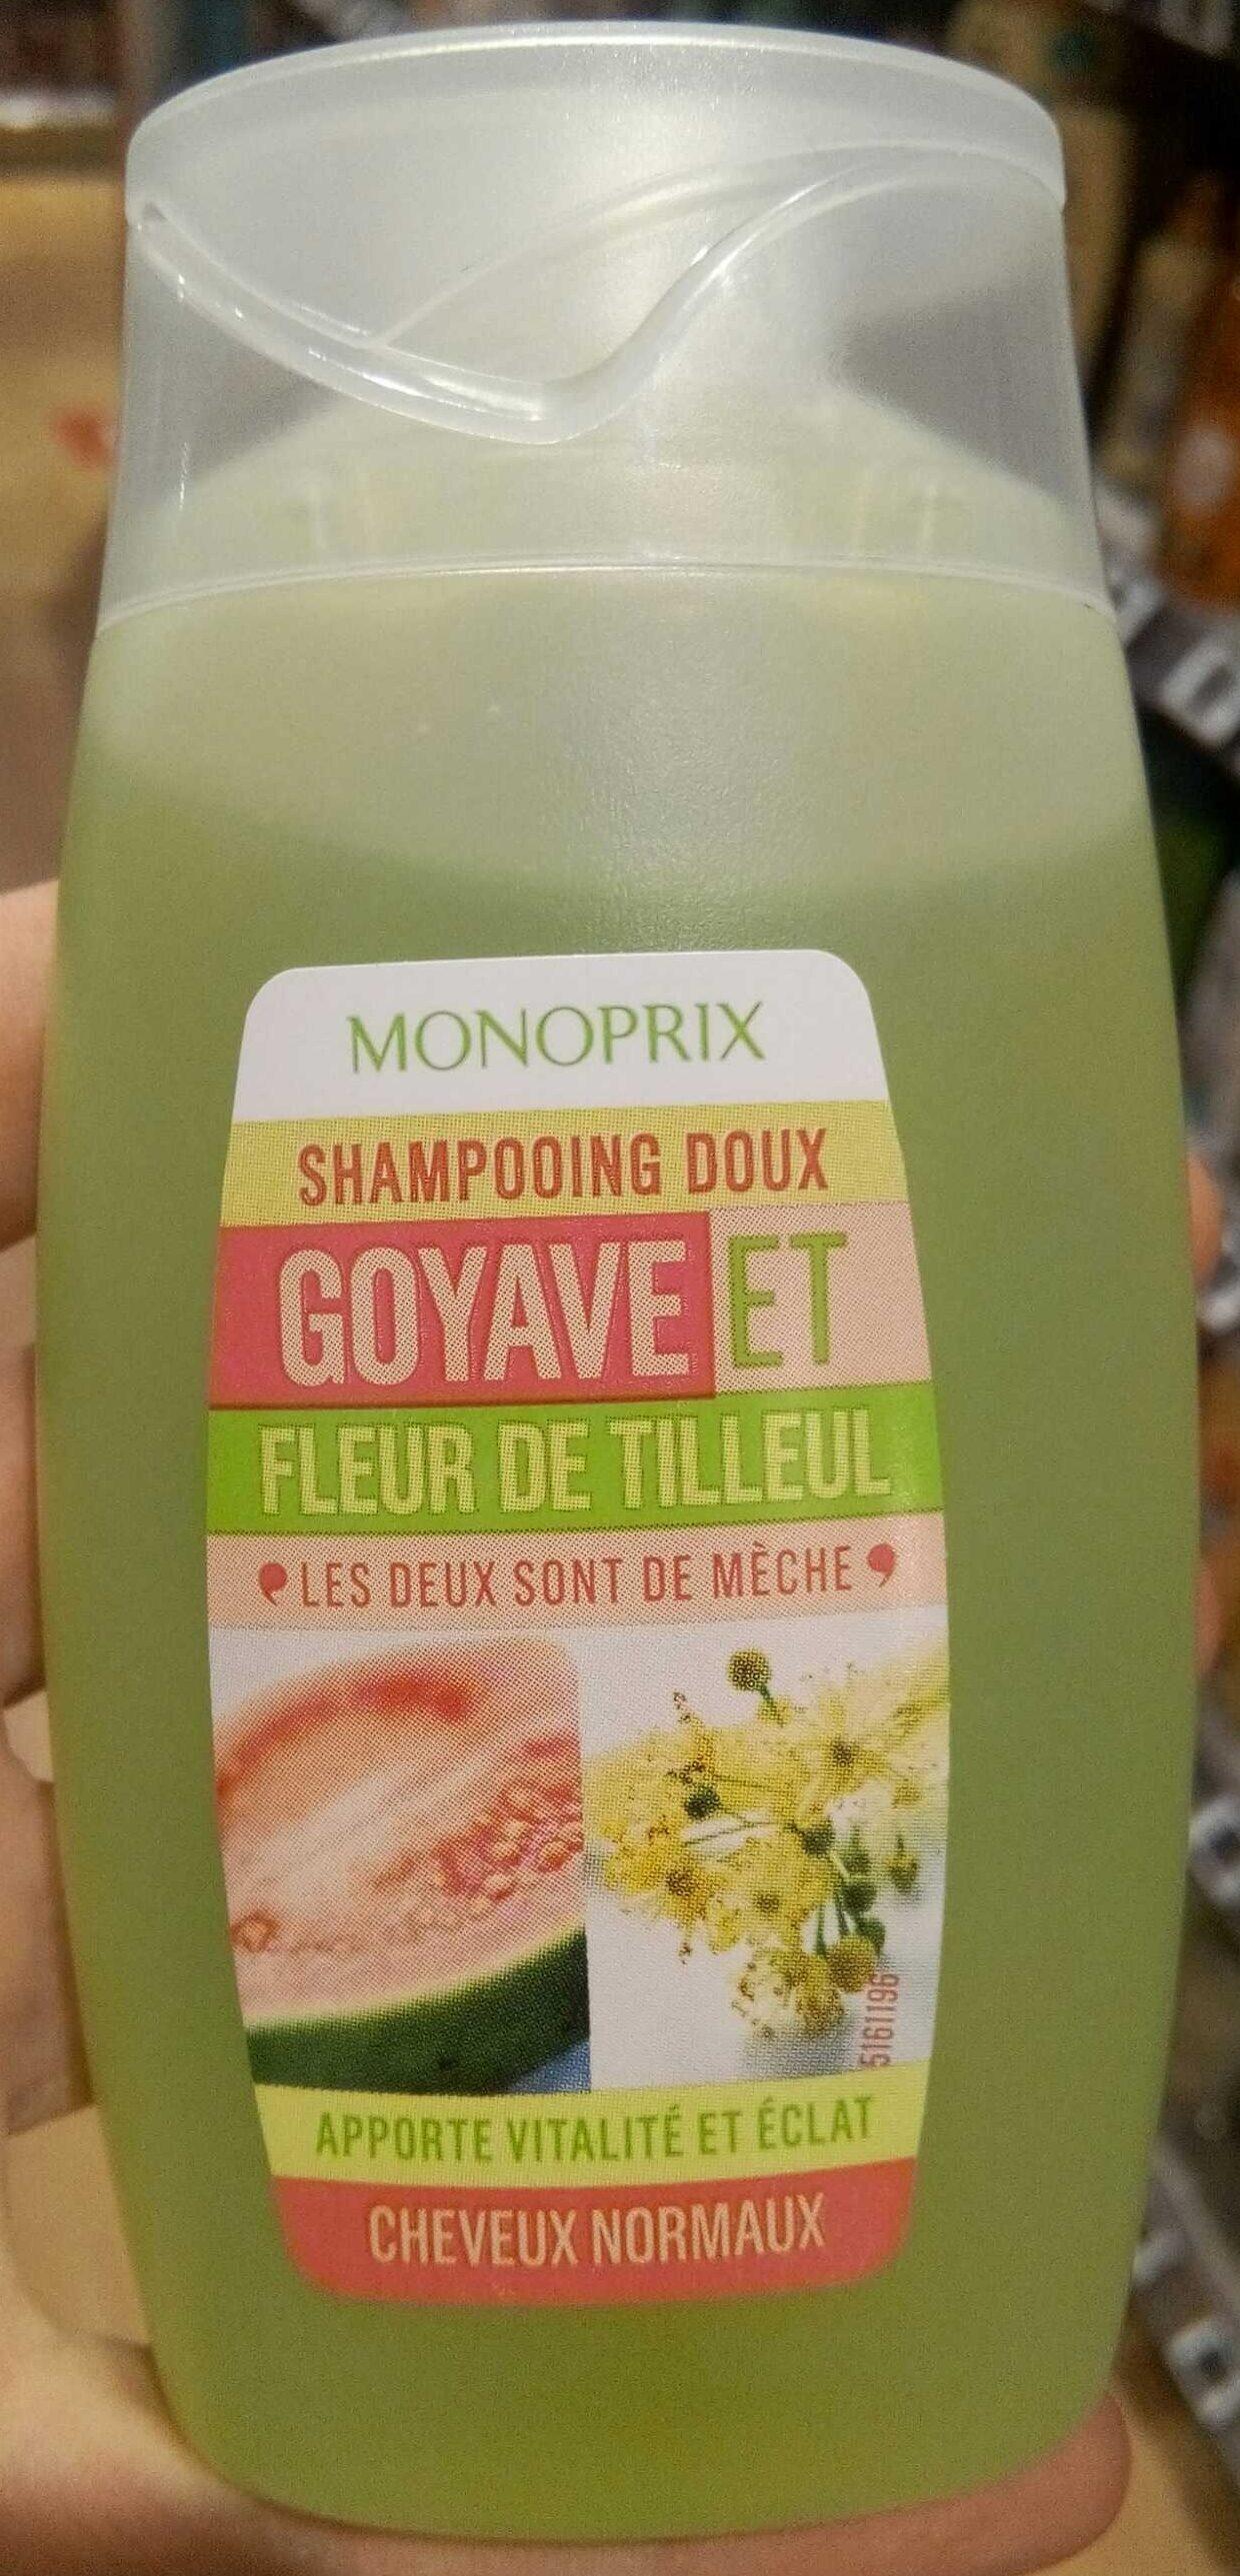 Shampooing doux goyave fleur de tilleul - Product - fr